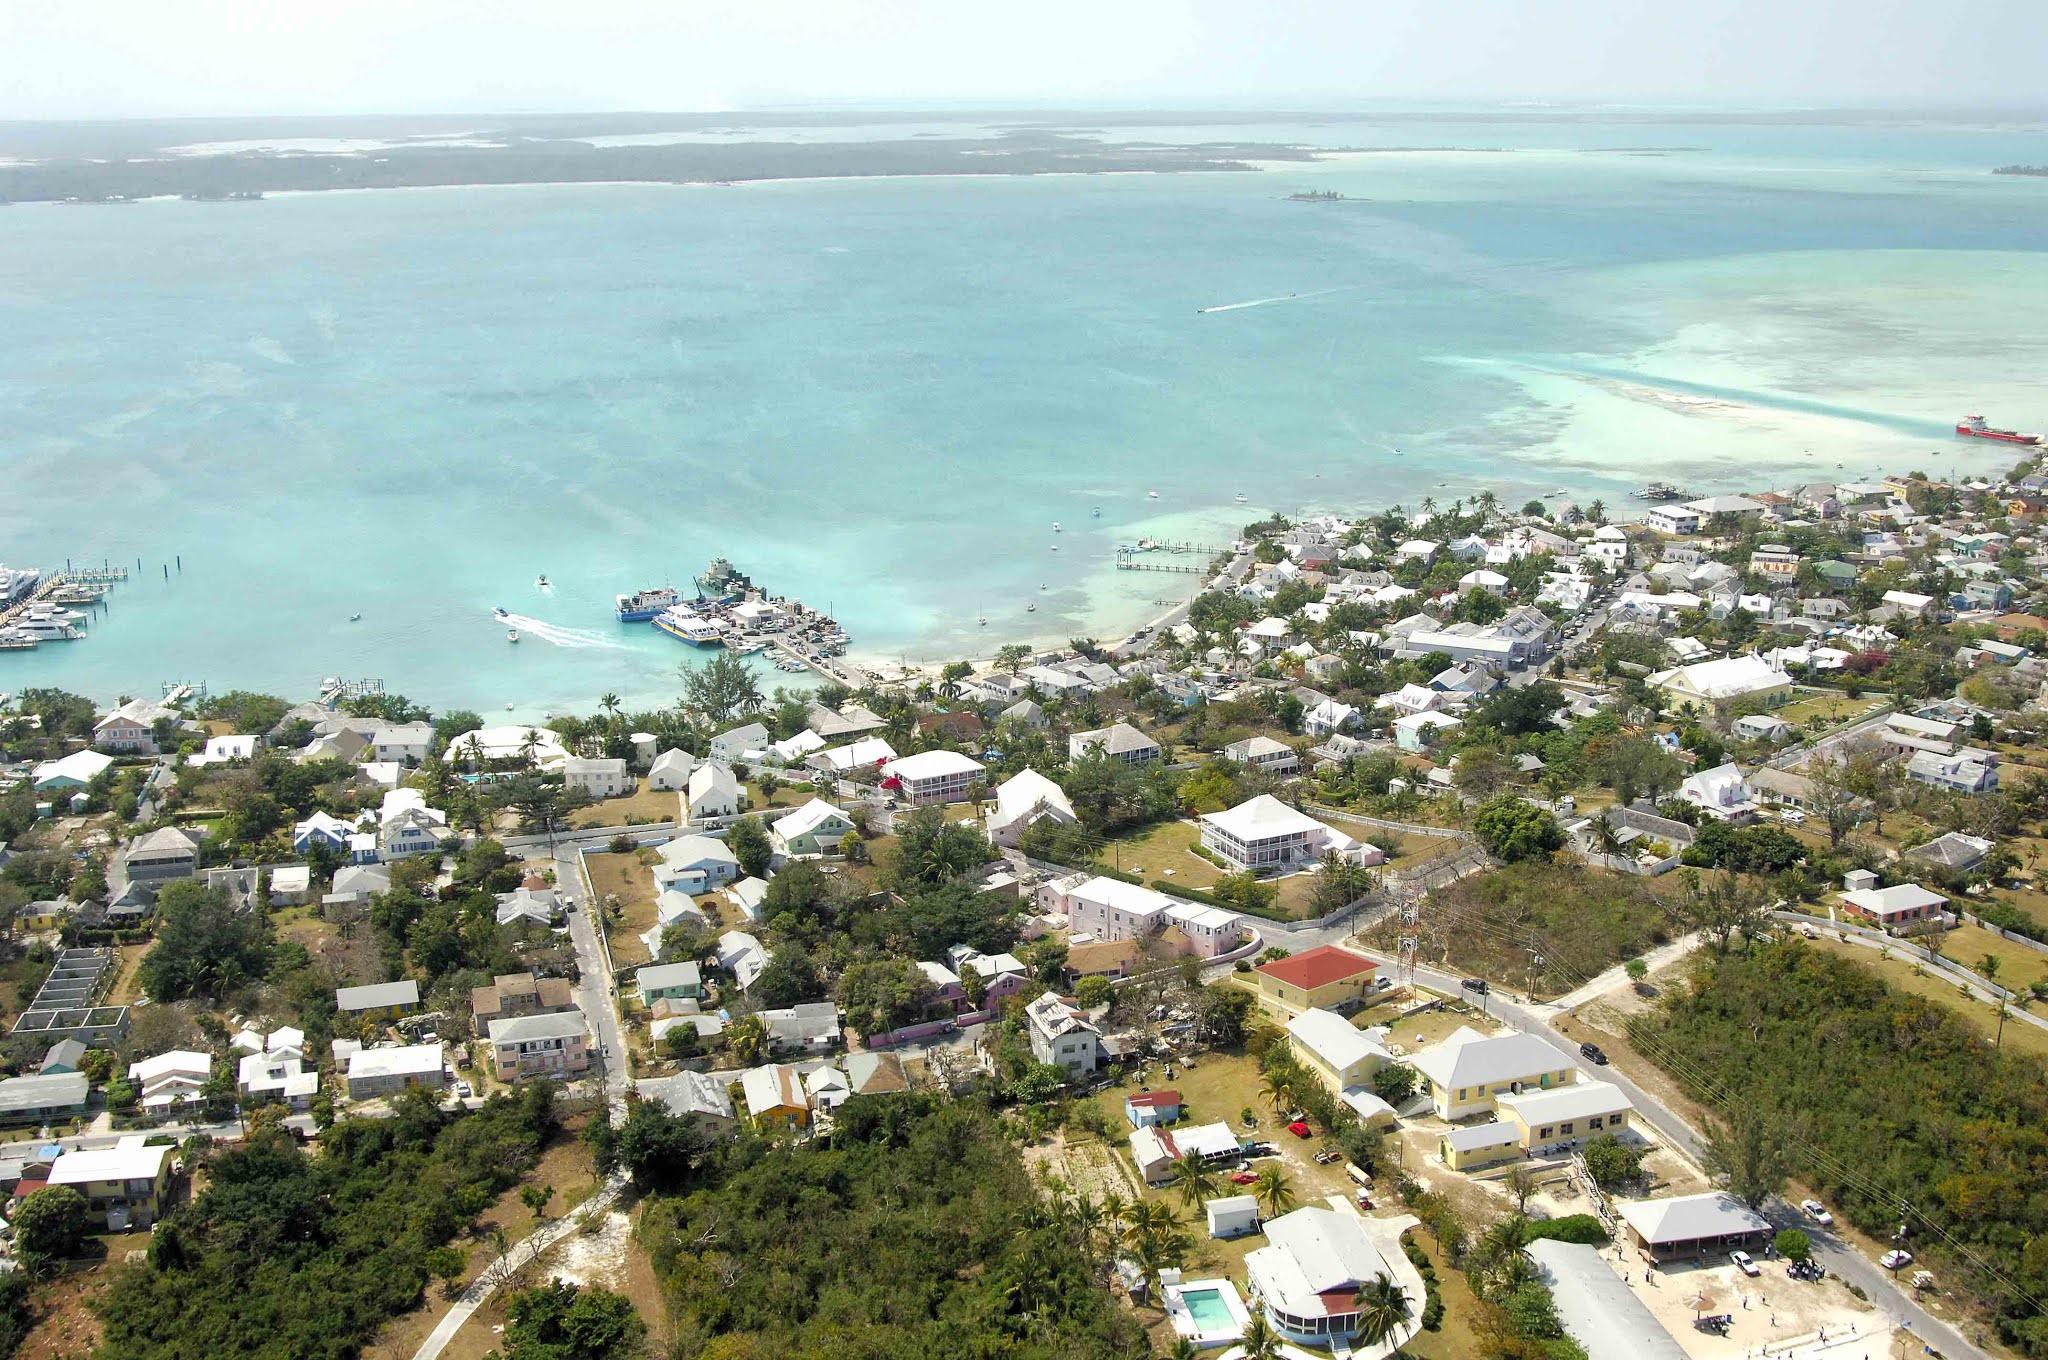 Остров Харбор на Багамских островах